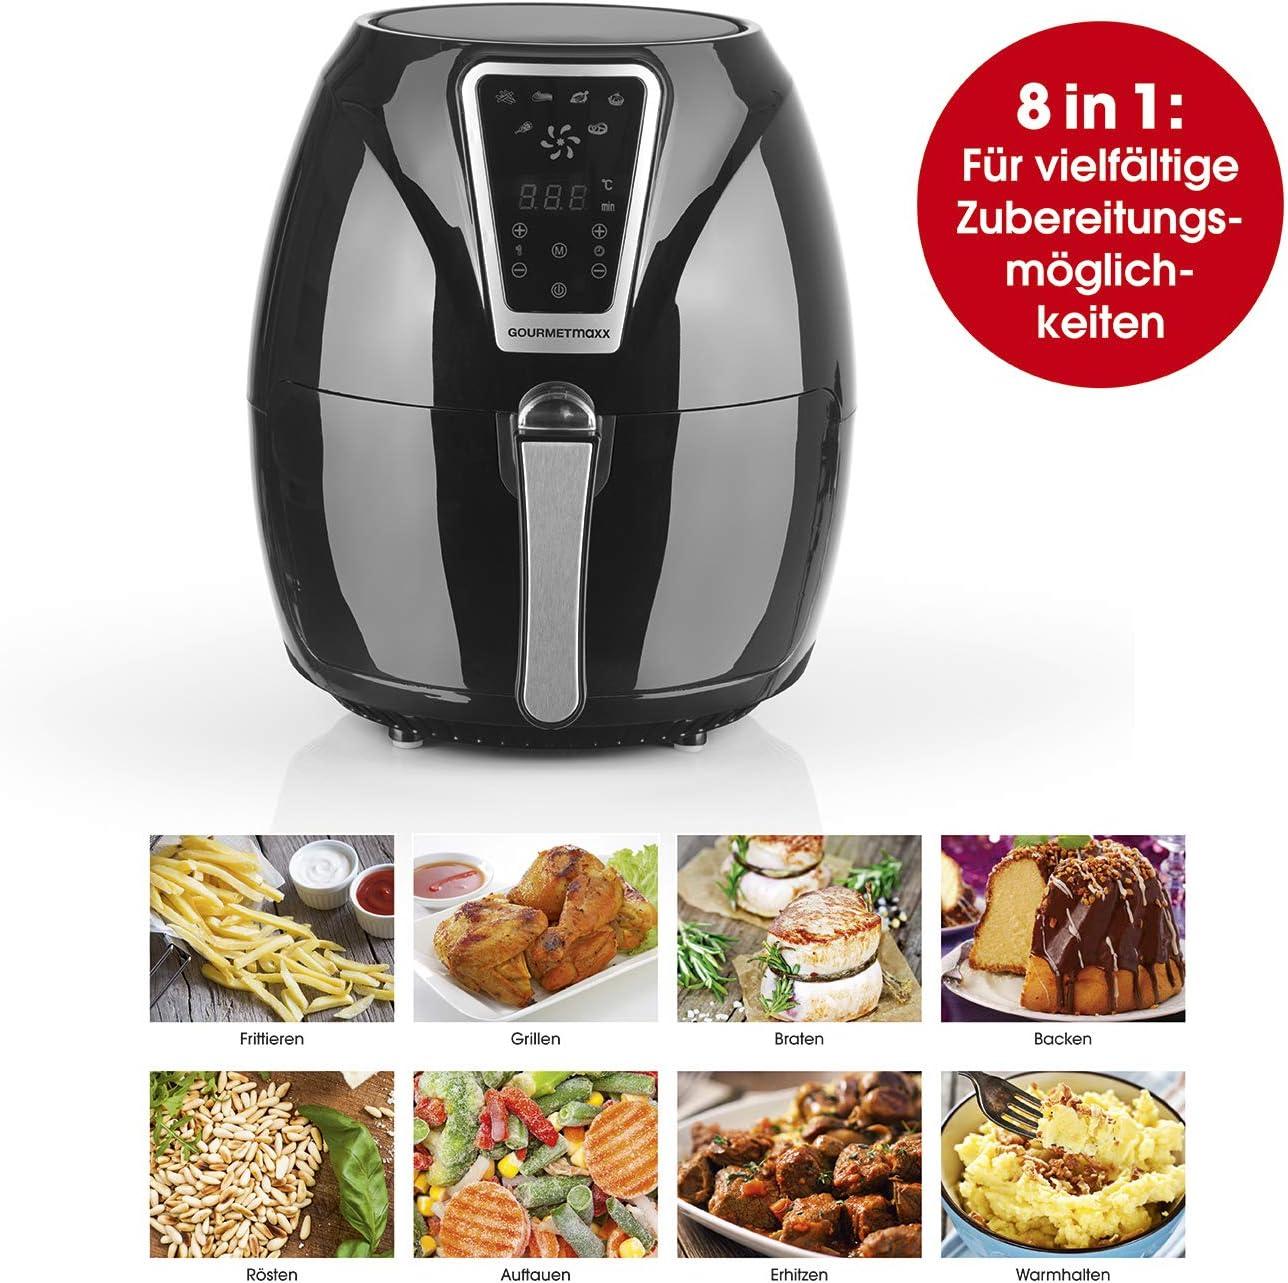 Gourmetmaxx digitale 1300 W 3 l nero Friggitrice ad aria calda con timer